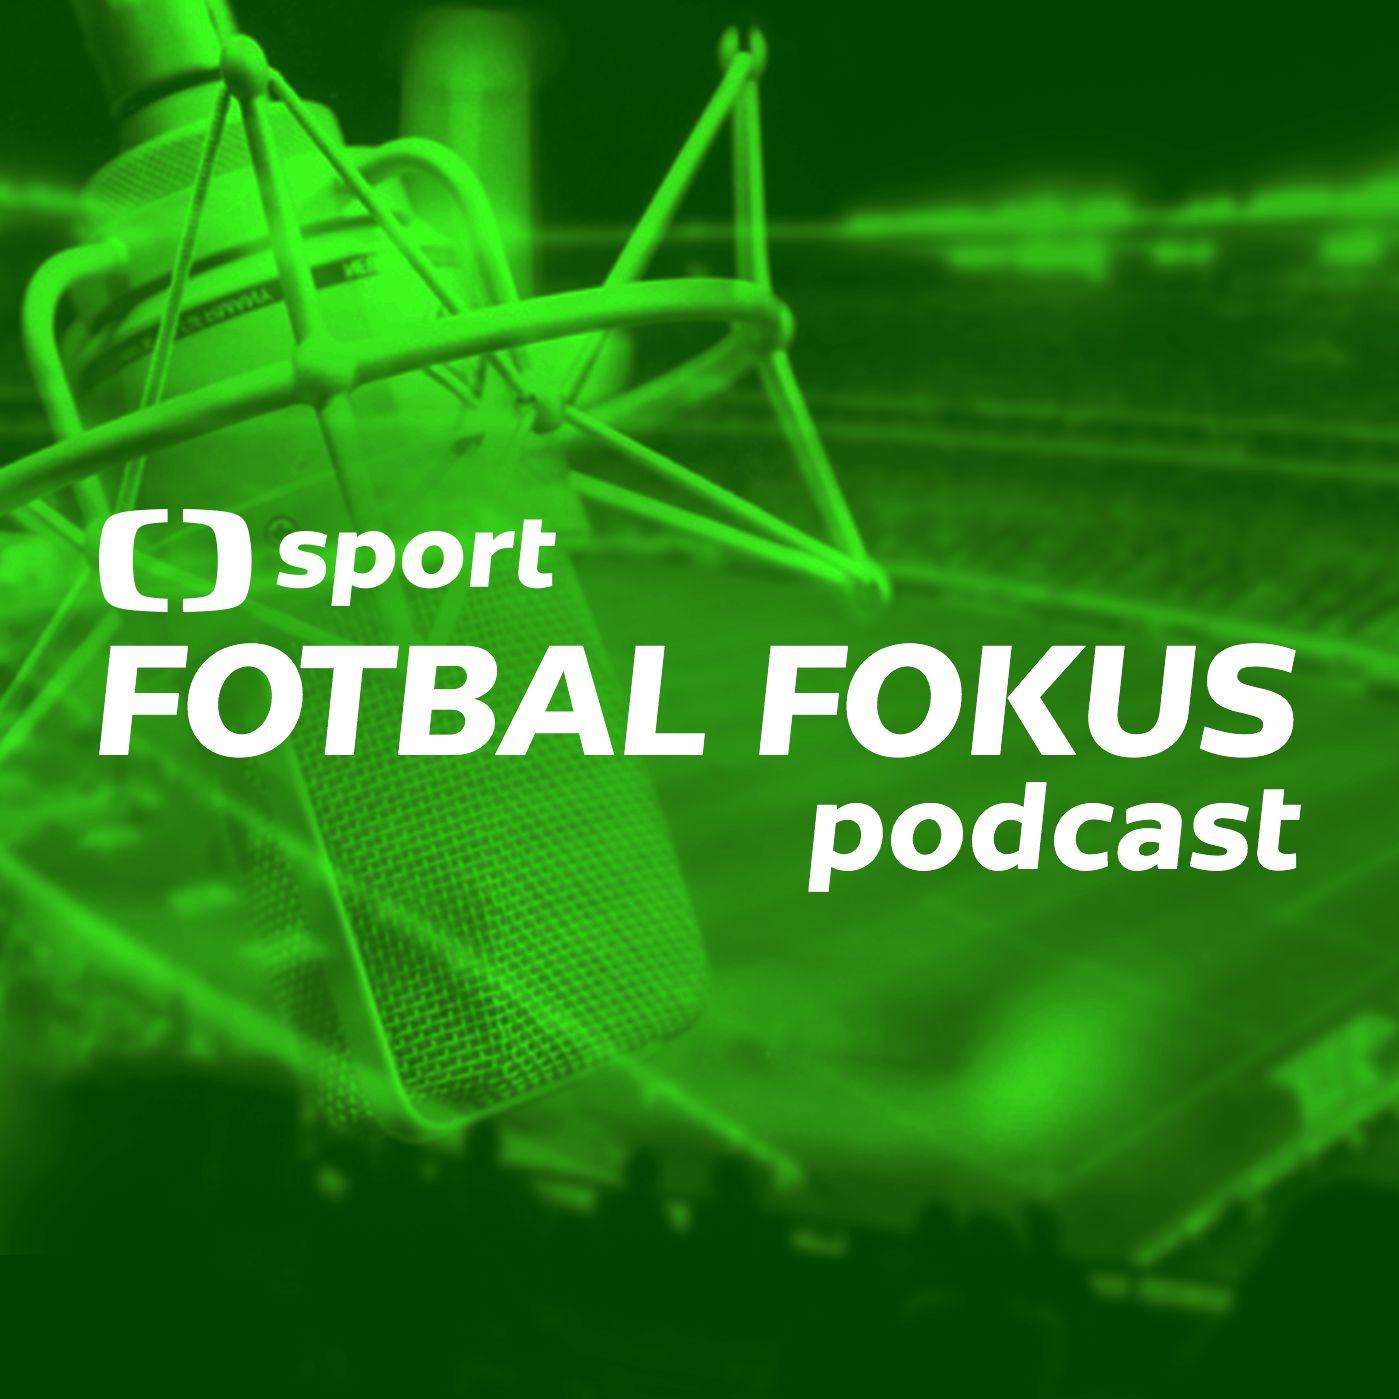 Fotbal fokus podcast: Co Slavia letos dělala špatně, že zřejmě neobhájí titul?